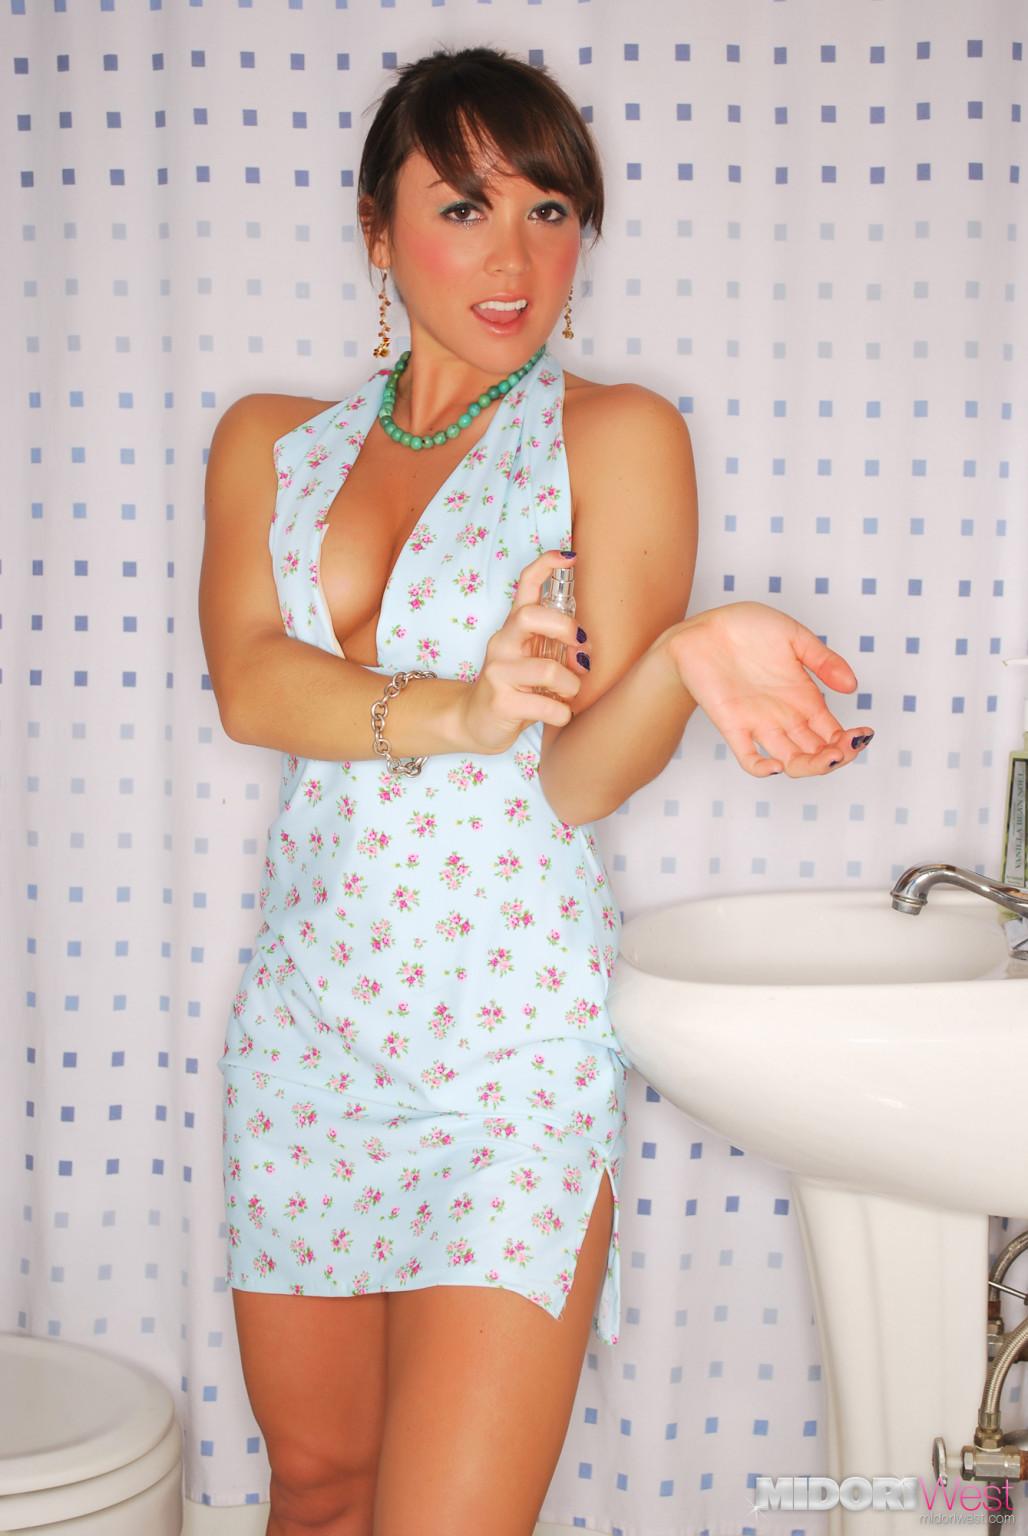 Midori west getting fond of washroom